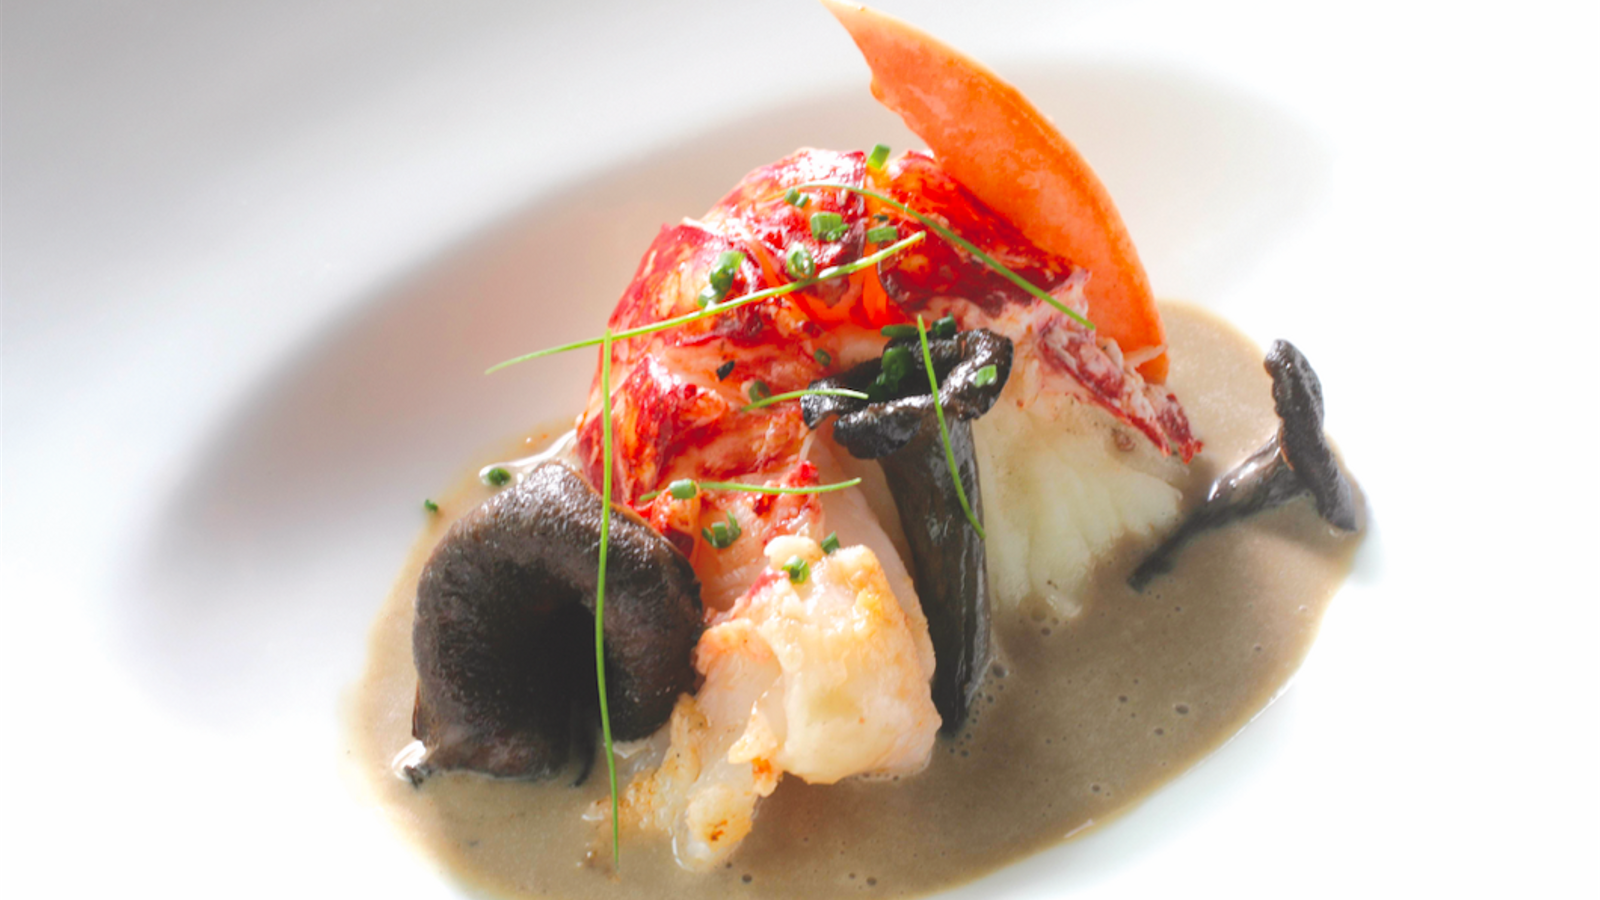 Els clàssics d'El Celler de Can Roca es poden menjar a partir d'avui per 30 euros